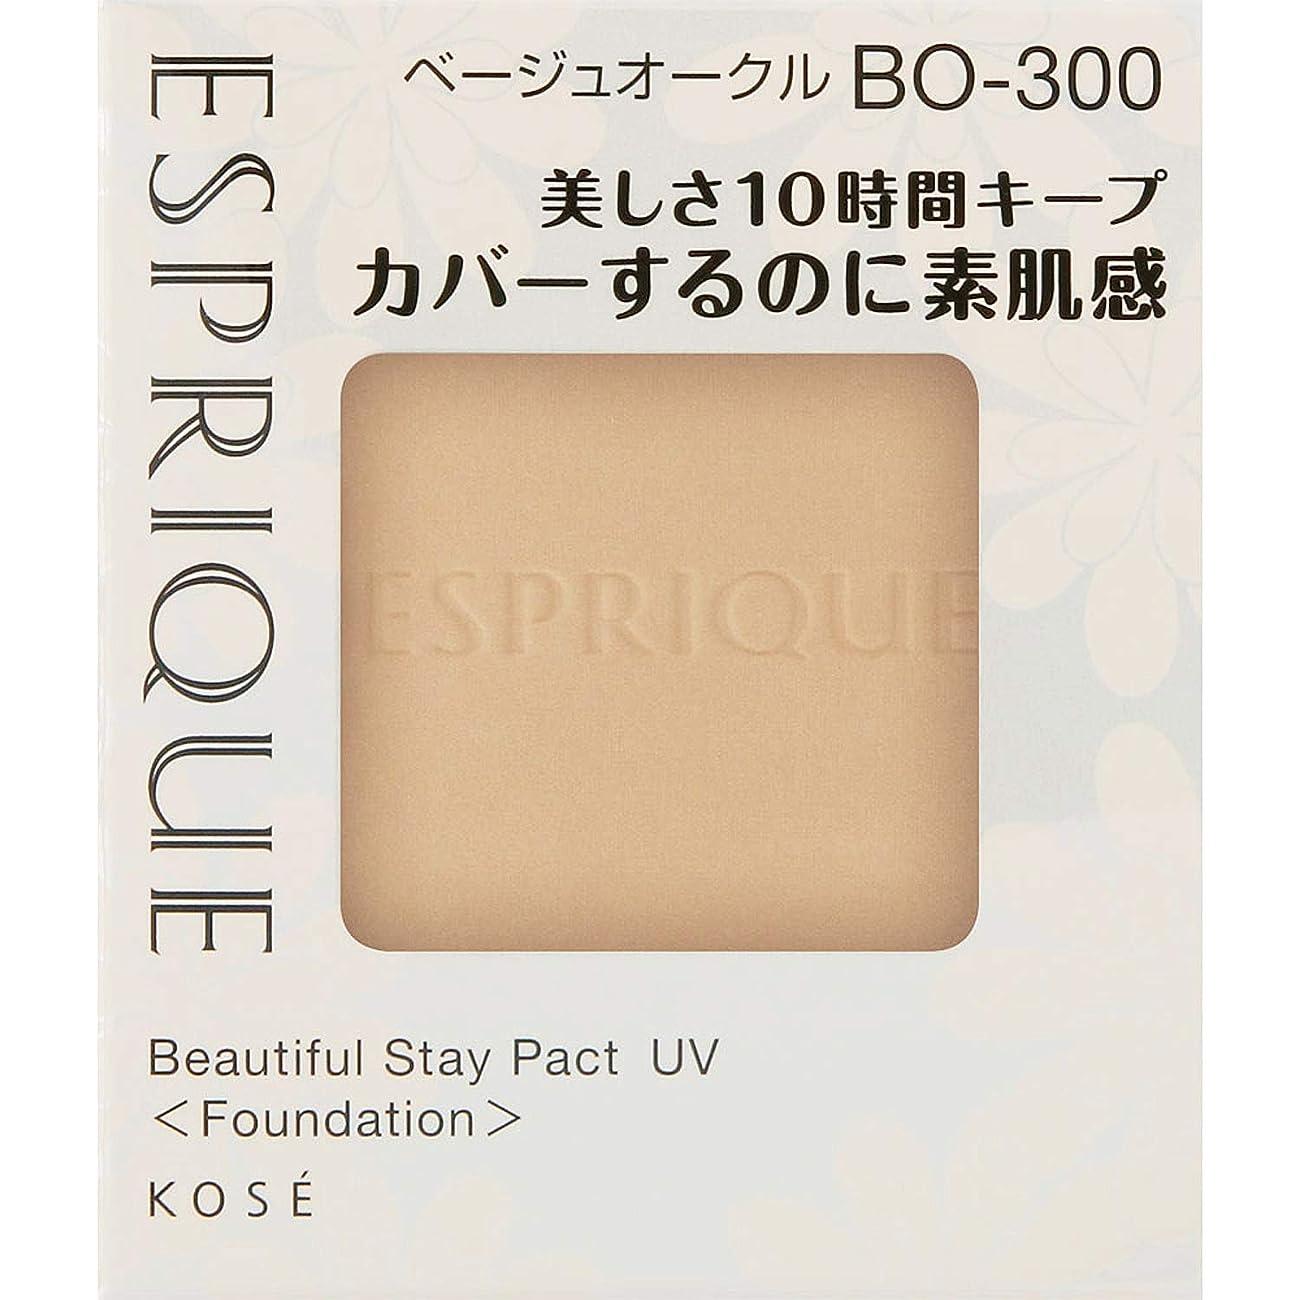 田舎和レトルトエスプリーク カバーするのに素肌感持続 パクト UV BO-300 ベージュオークル 9.3g